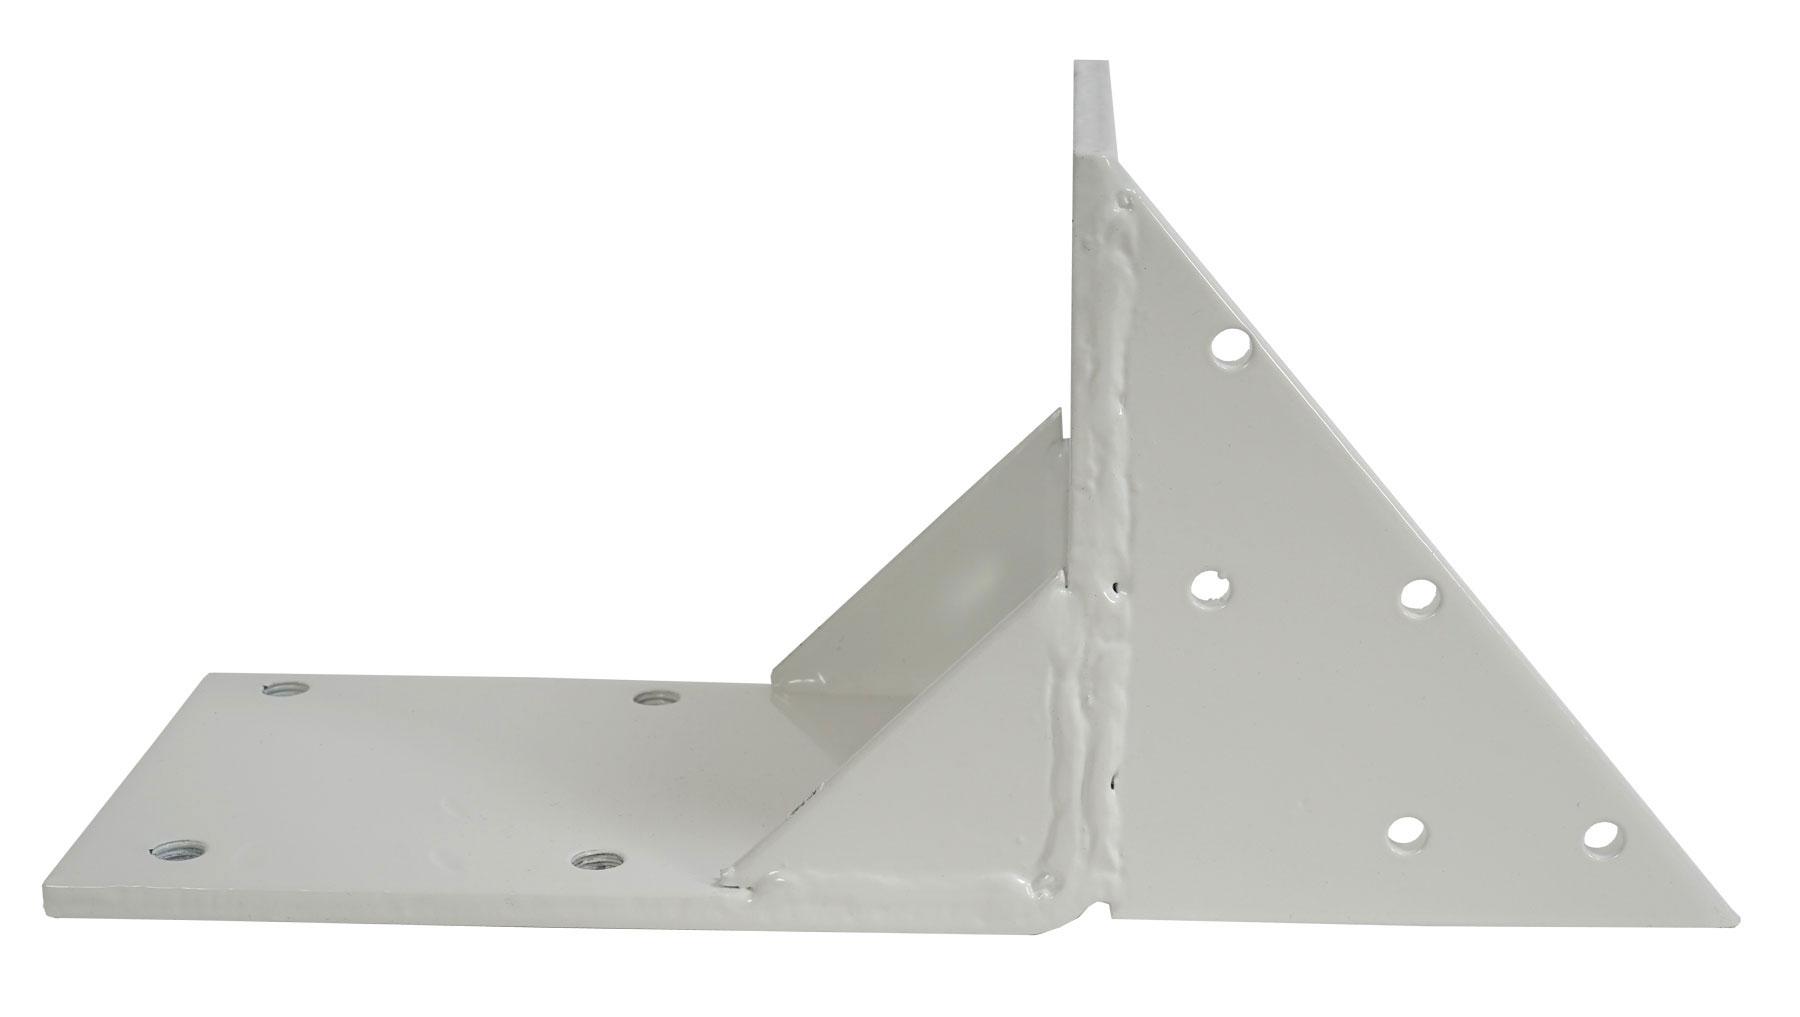 Dachsparrenadapter für T124 Seitenansicht